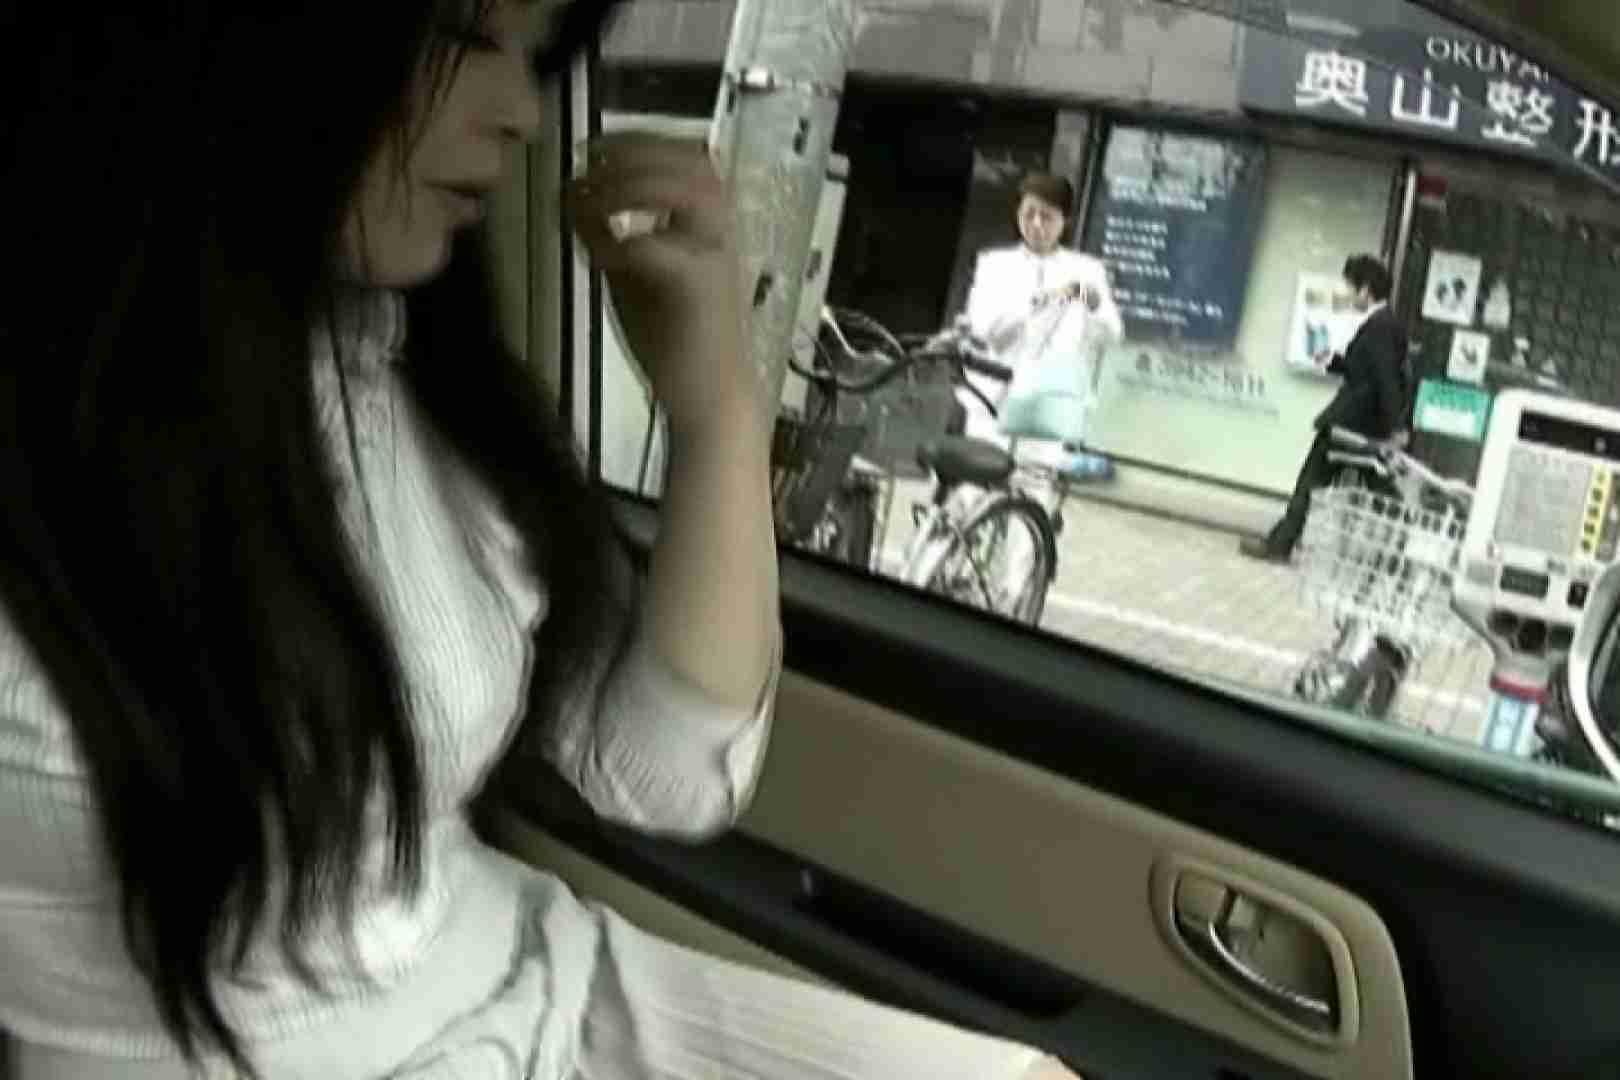 素人ナンパ本番撮り!出会い系でGET!Vol.12 人妻エロ映像 エロ無料画像 91pic 5